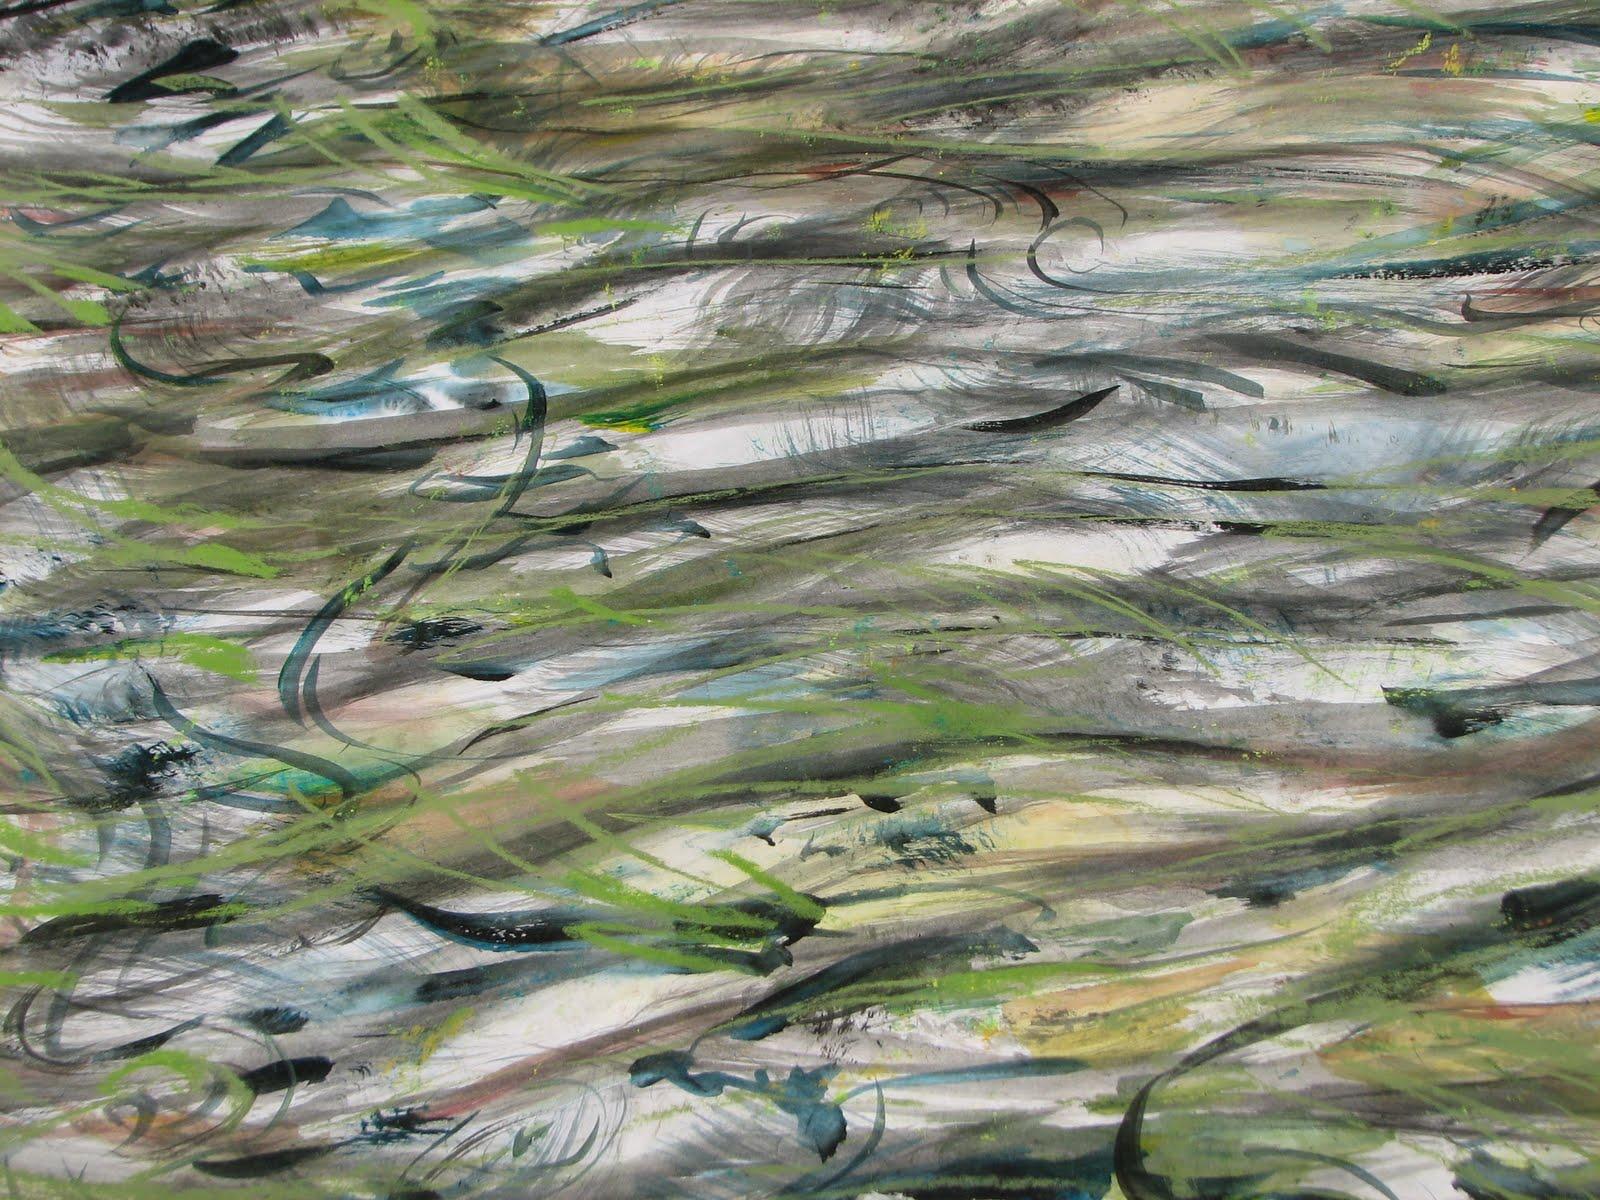 Riviere des milles poissons